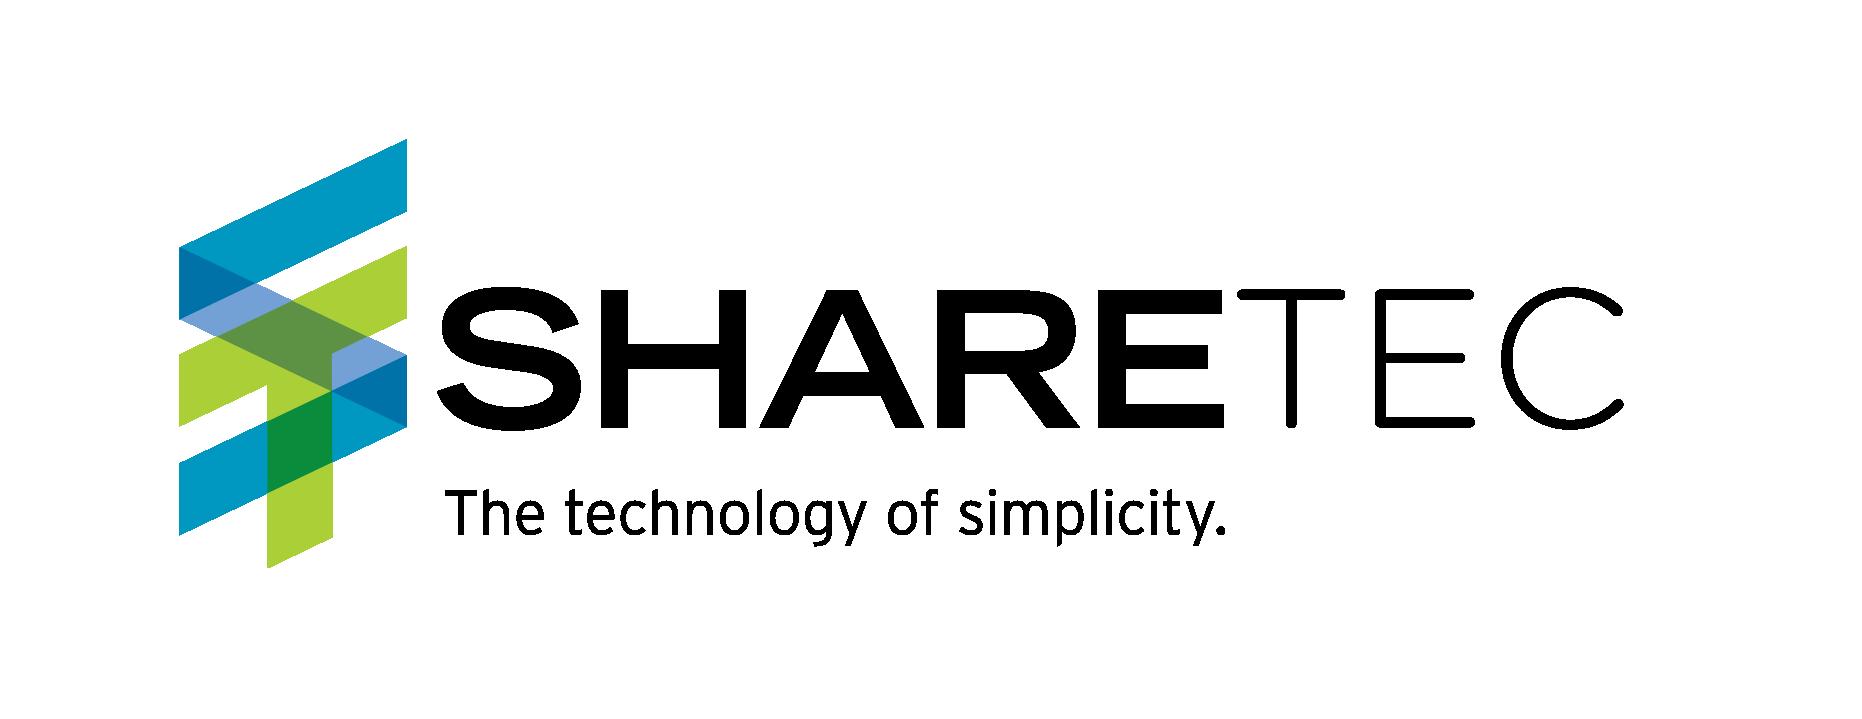 Shartec_logo4c_tag-01.png